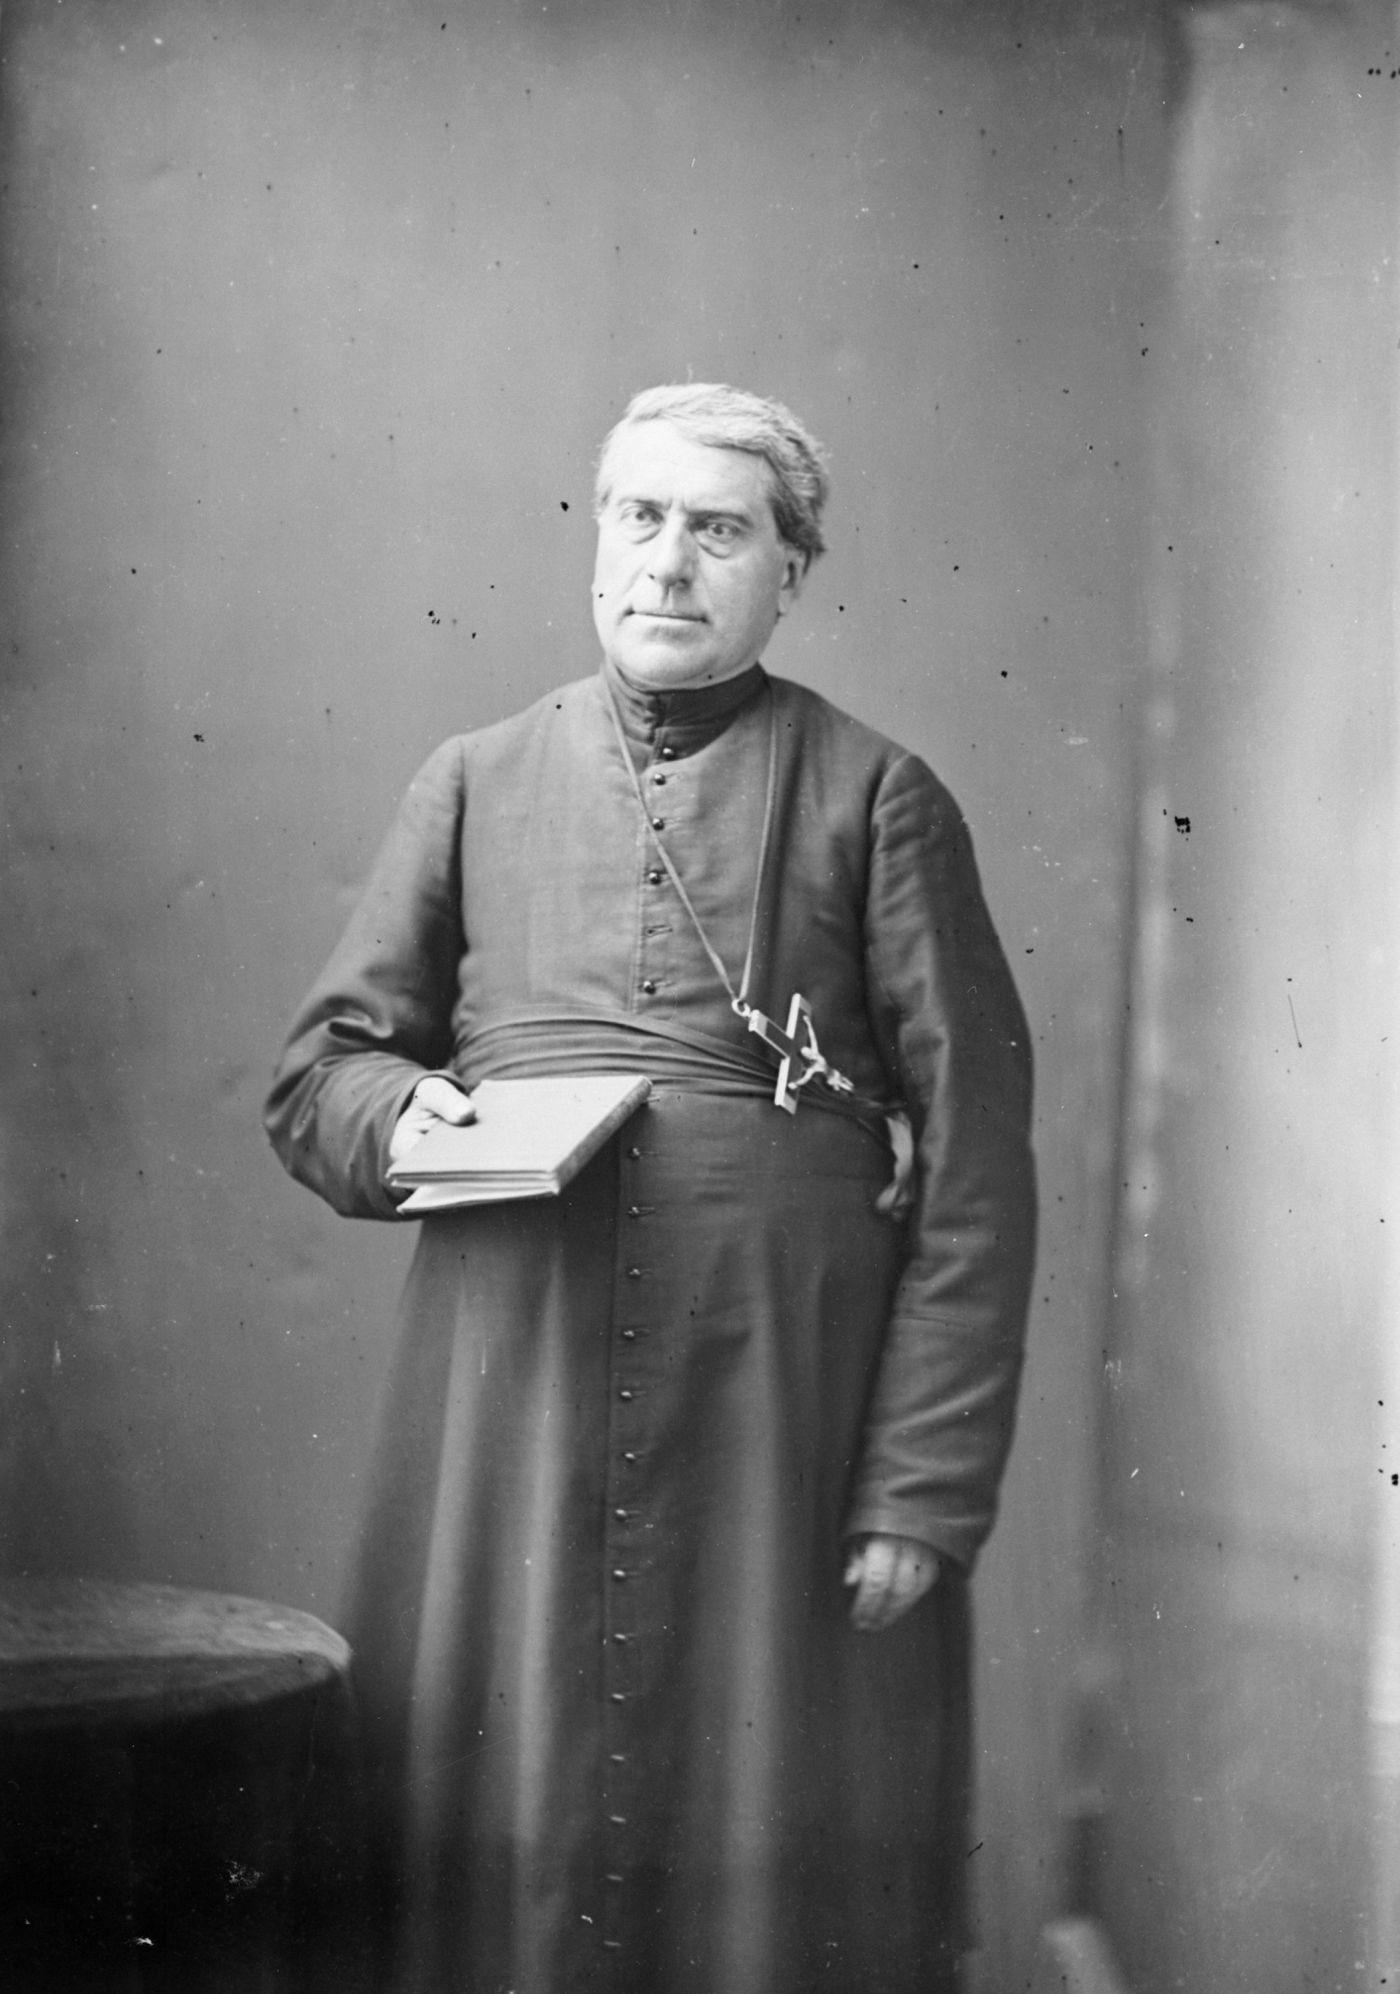 Photographie en noir et blanc, prise en studio, d'un prêtre d'âge mûr. Il porte la soutane ainsi qu'une grande croix. Il est debout et tient un livre dans sa main droite.